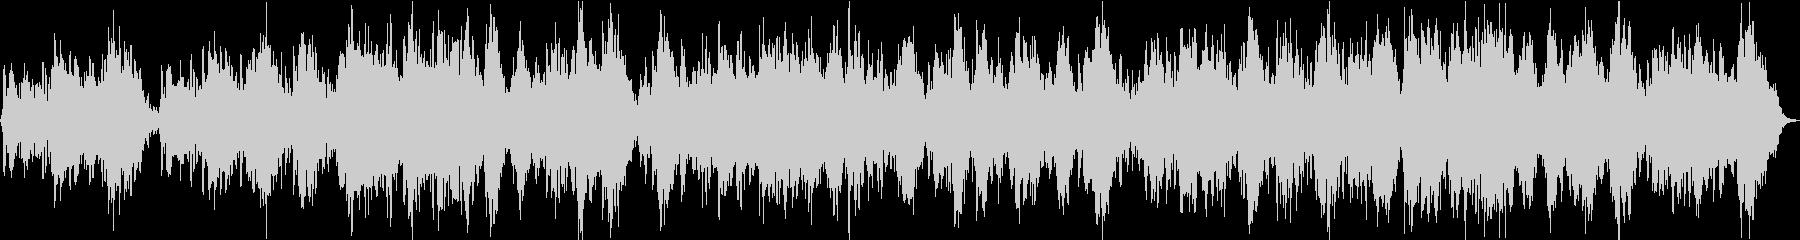 シンセ中心のよく眠れるアンビエントの未再生の波形